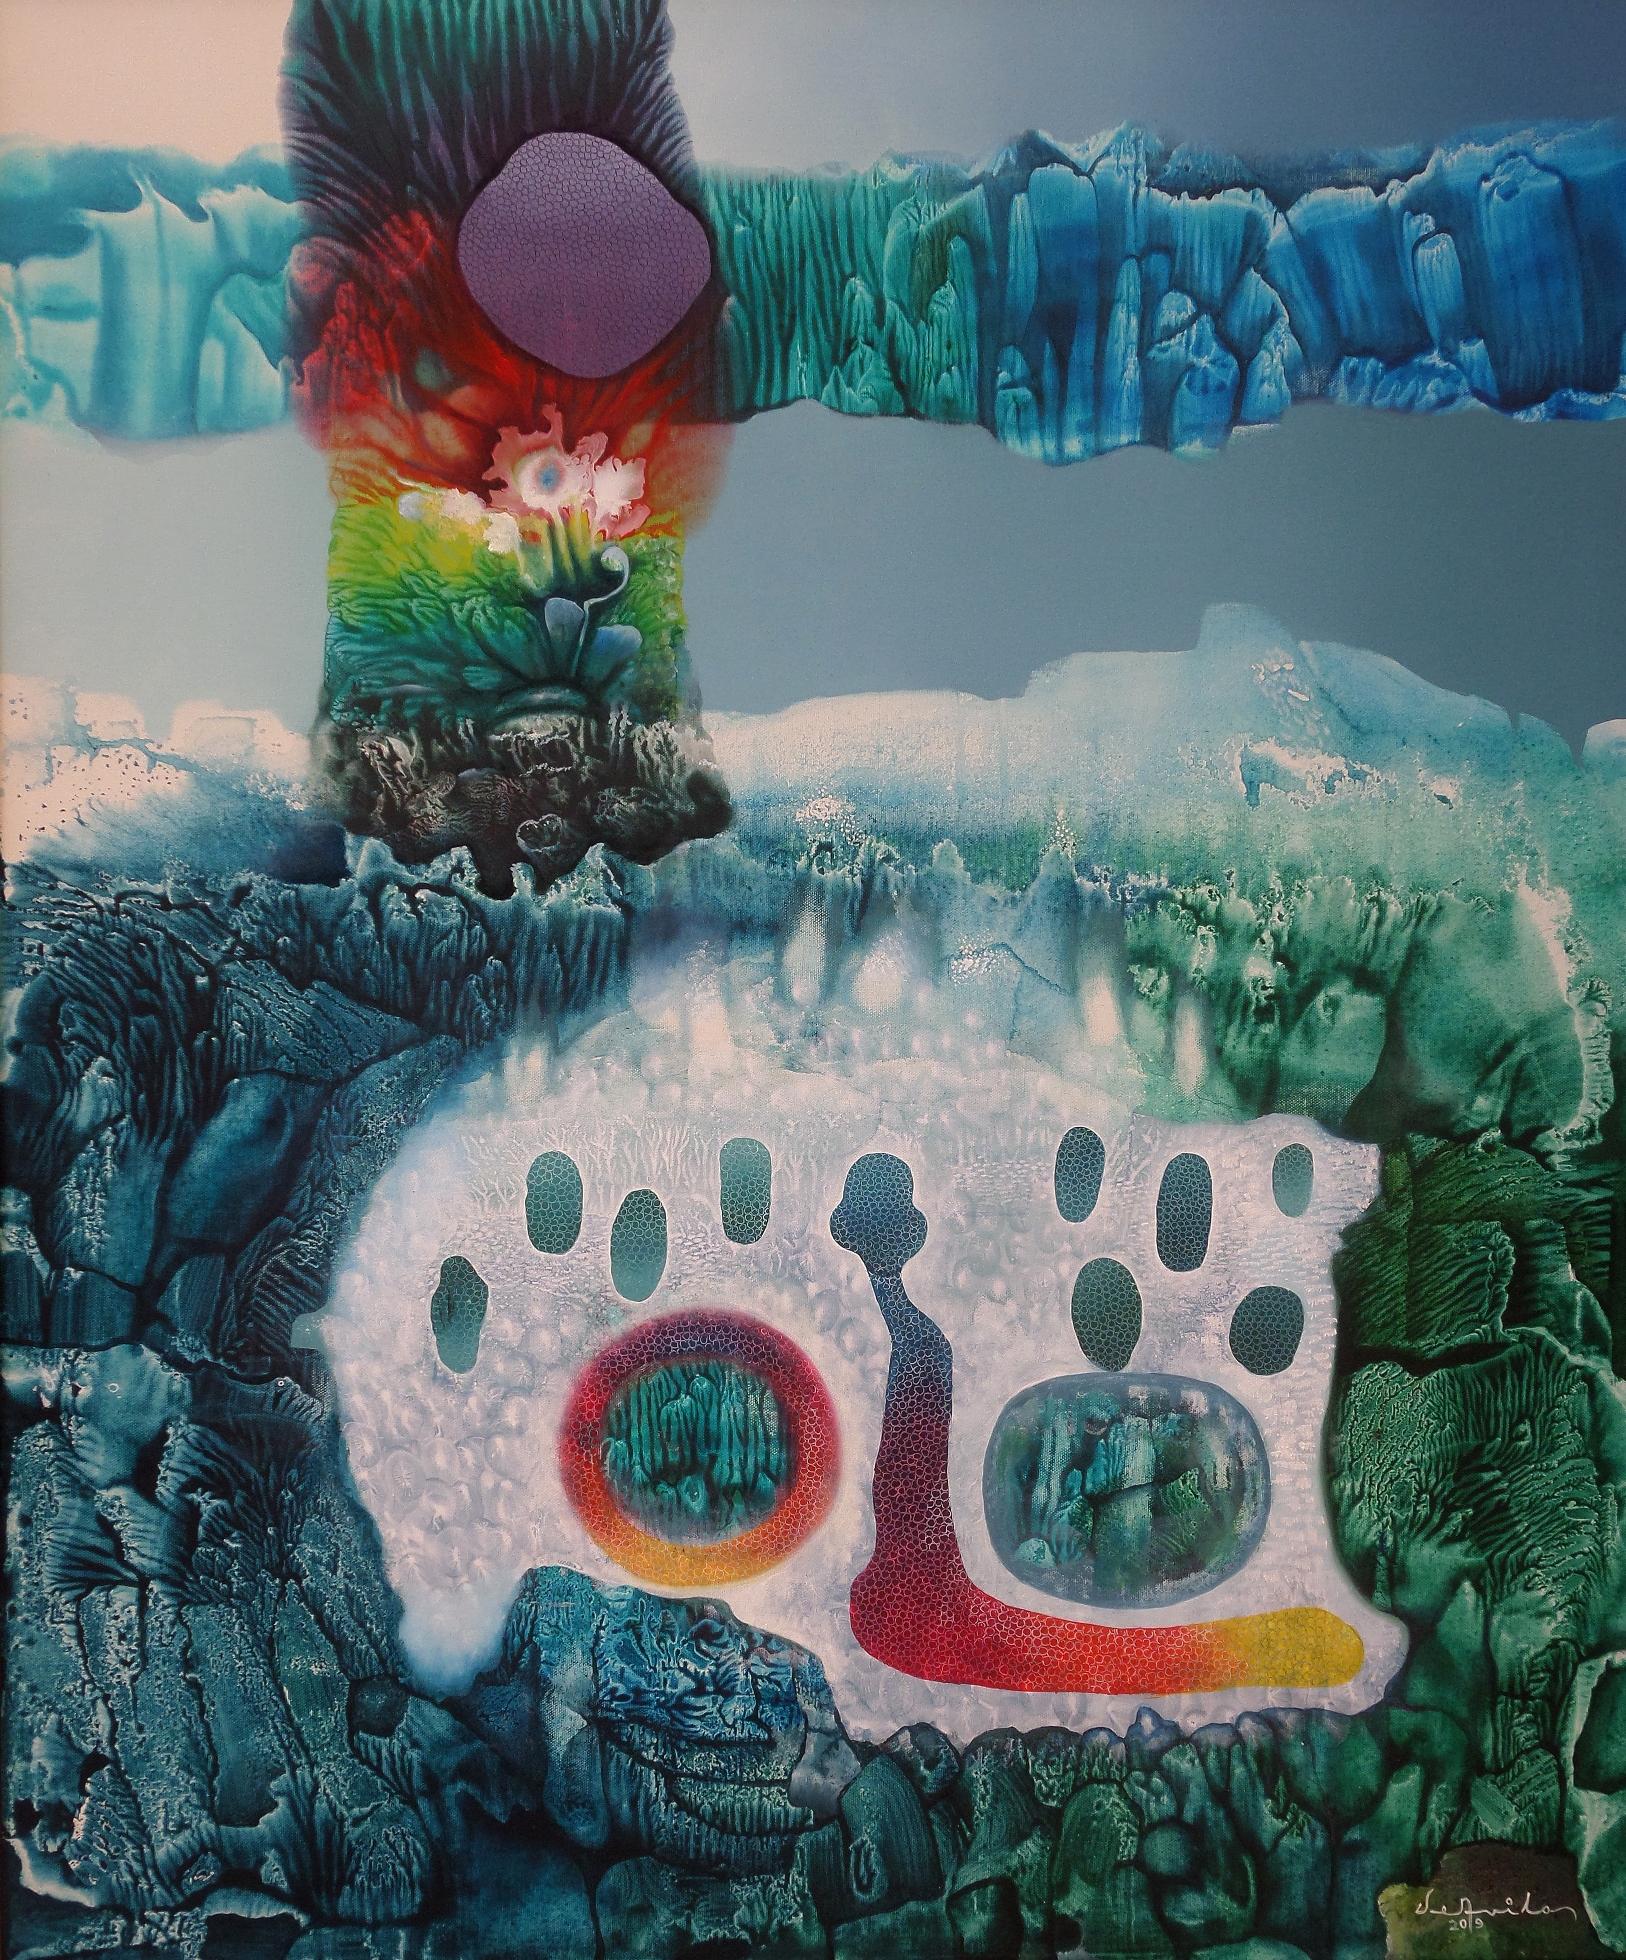 De la serie Mundos infinitos III (óleo y acrílico sobre tela 100 x 81 cm)